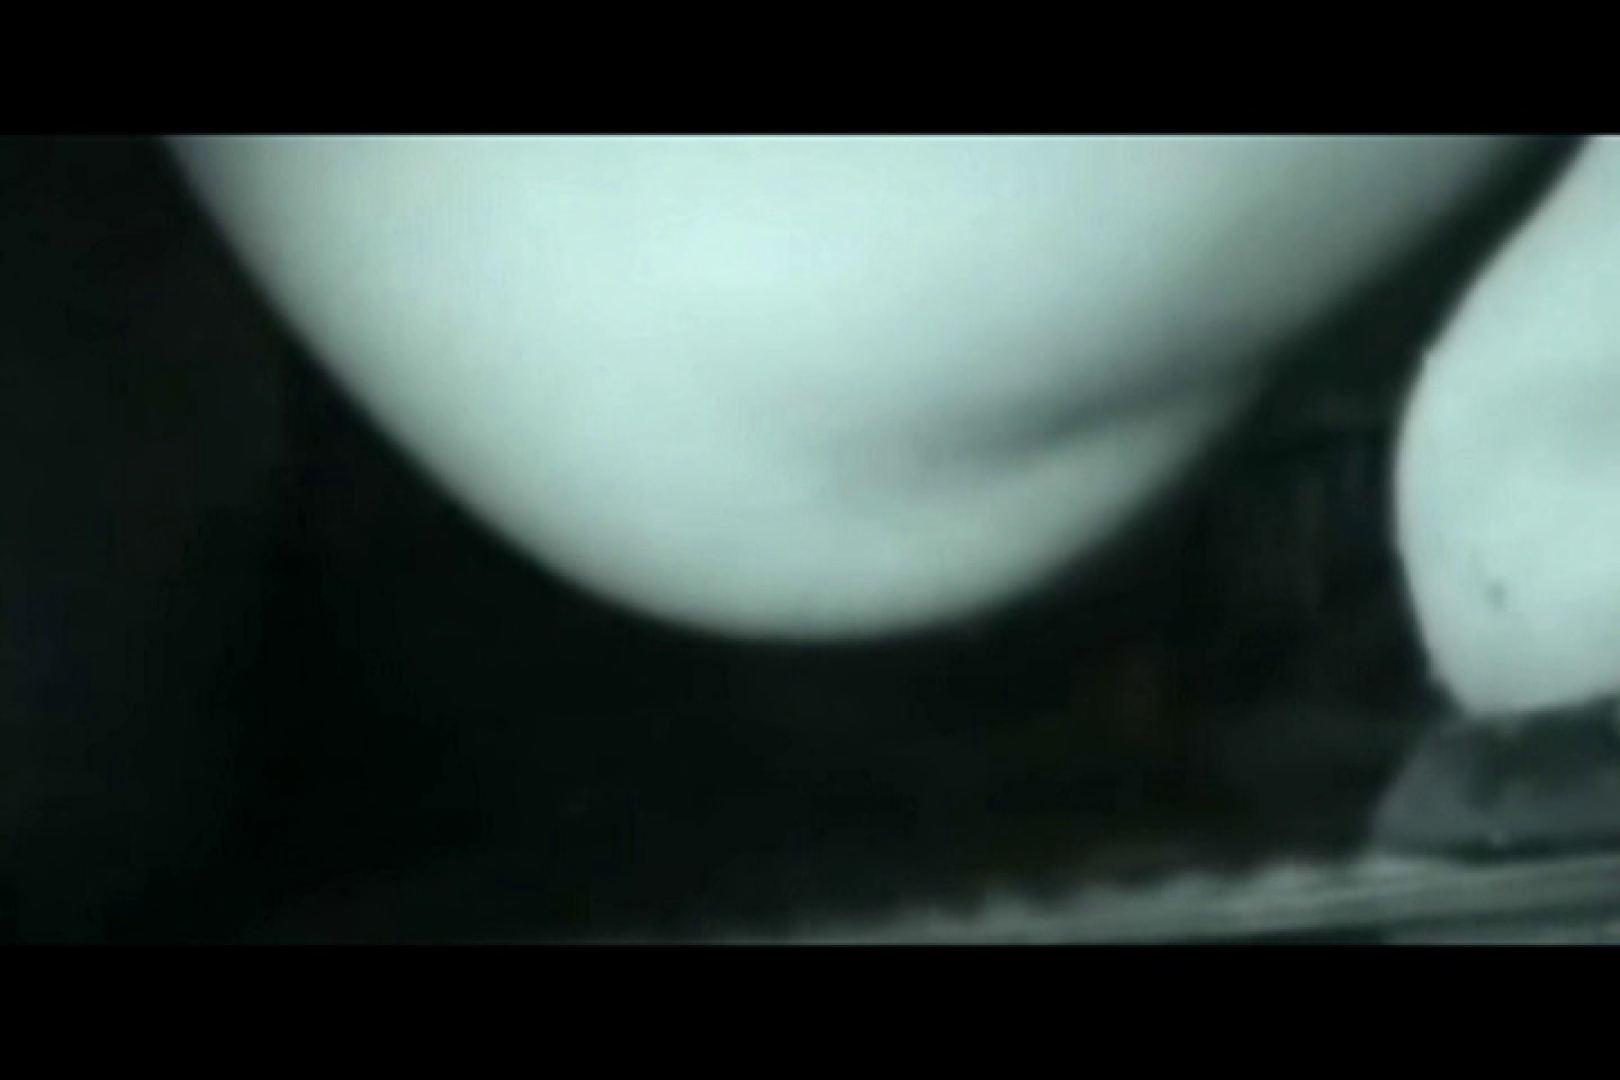 ぼっとん洗面所スペシャルVol.19 洗面所 | おまんこモロ出し  109pic 92